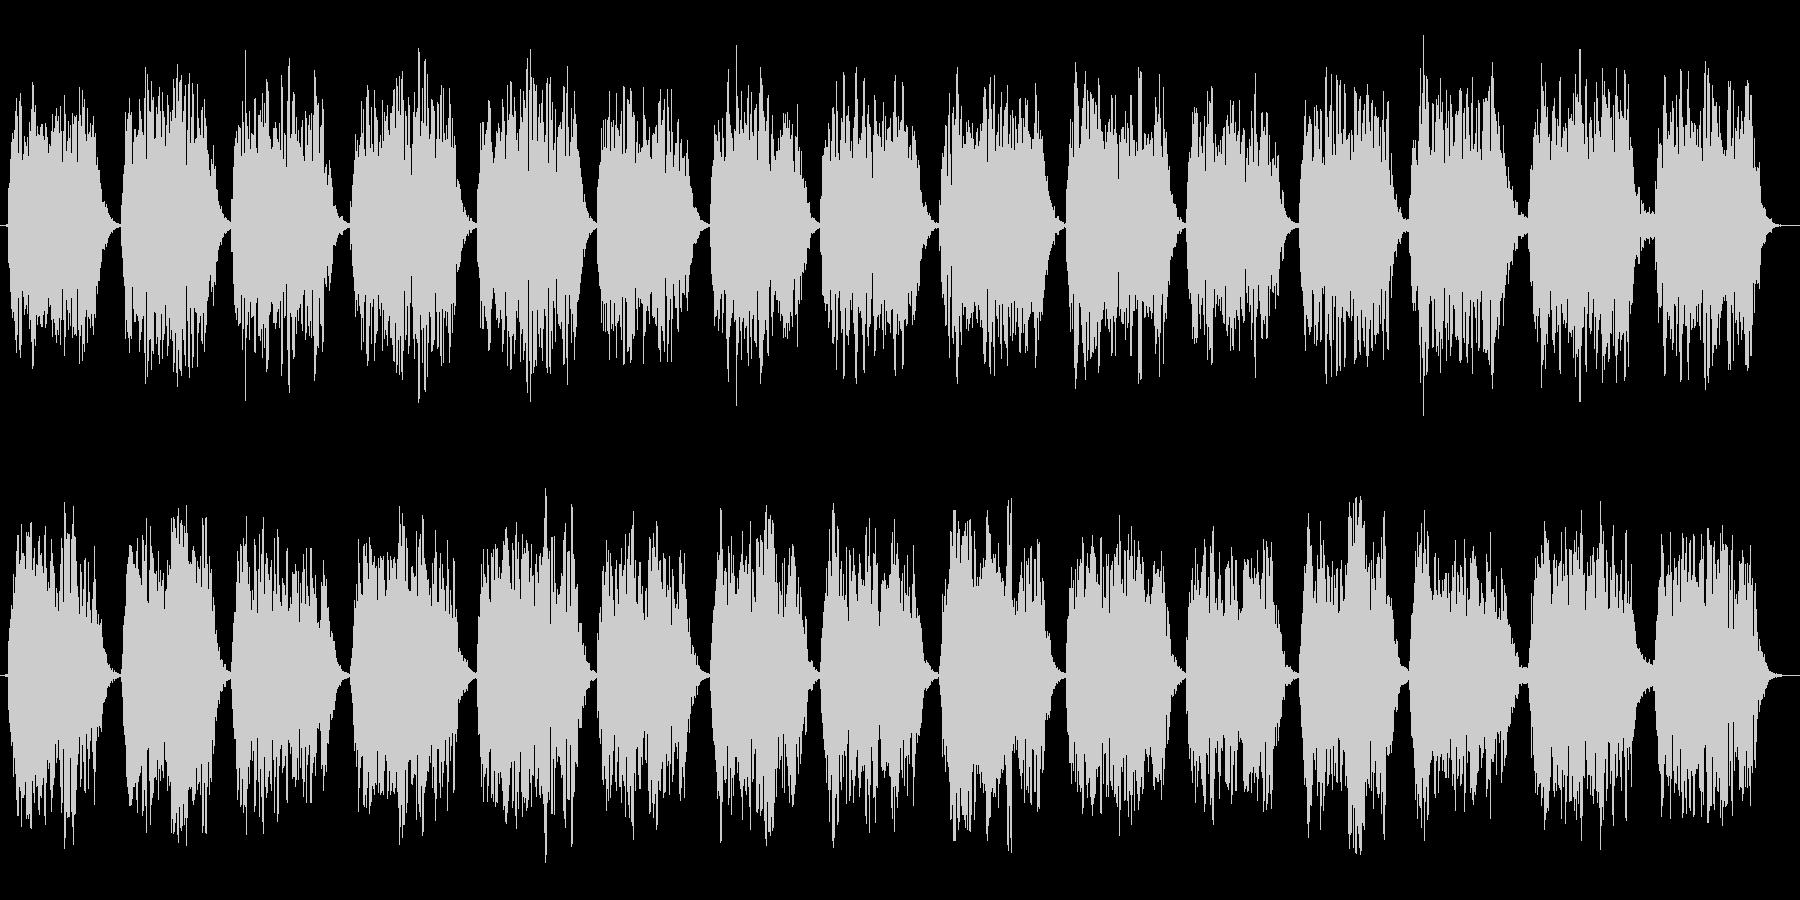 第六のチャクラ瞑想をA(ラ)の音での未再生の波形